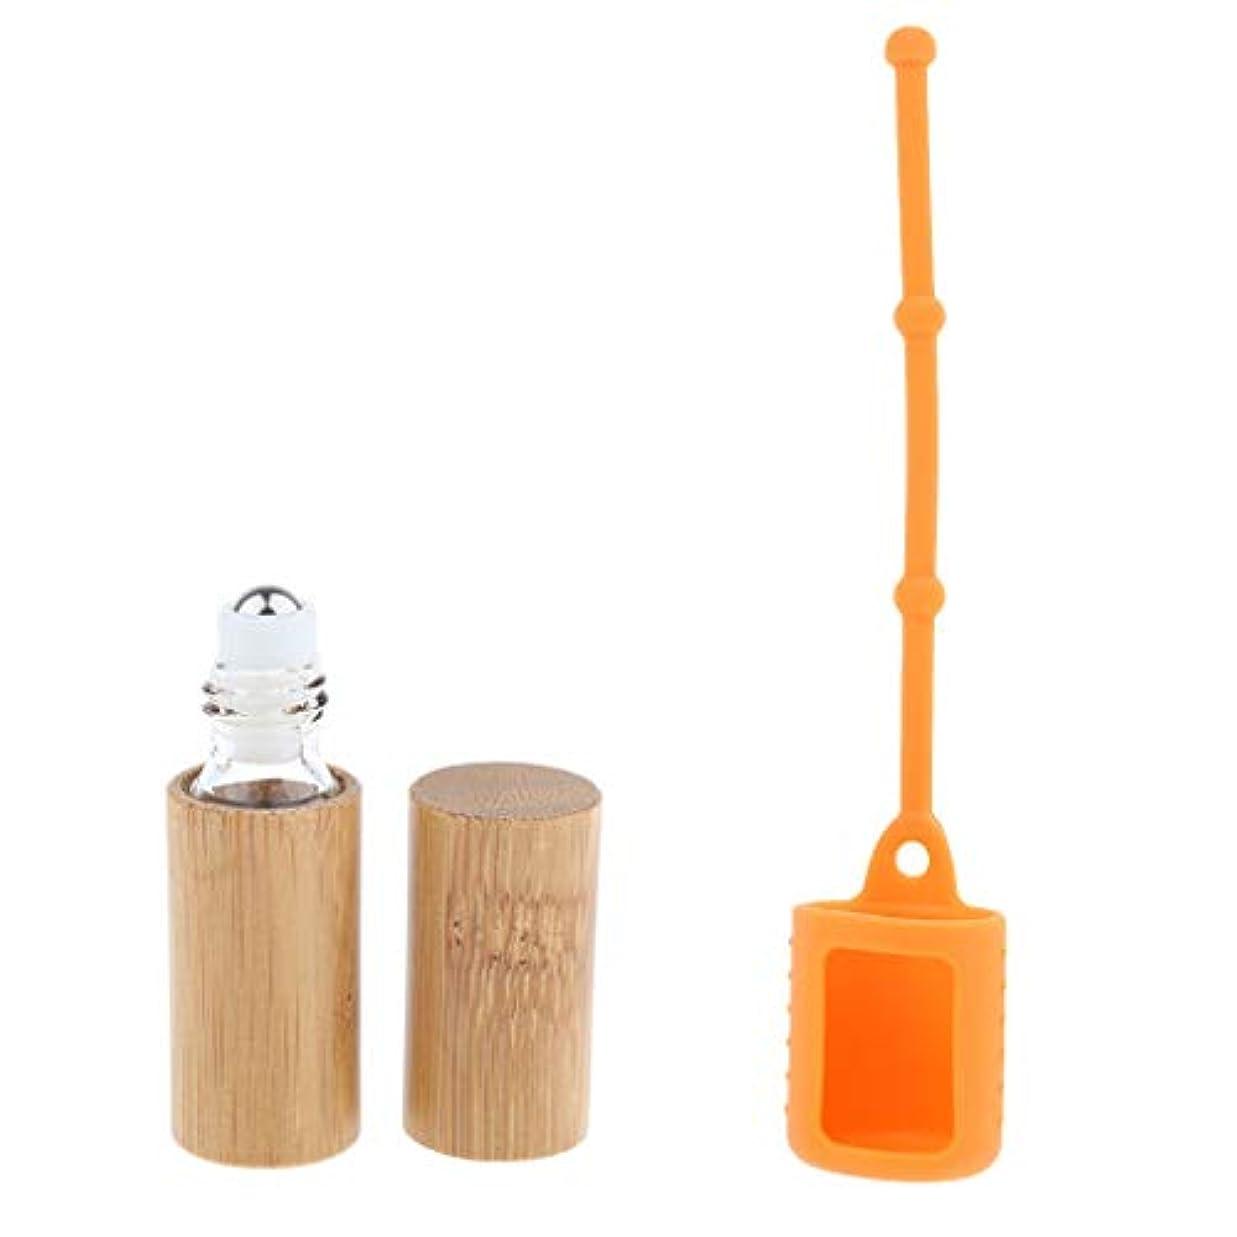 早い電卓ハーネス空ボトル 竹ボトル 香水瓶 エッセンシャルオイル 精油瓶 詰め替え 掛け シリコンカバー